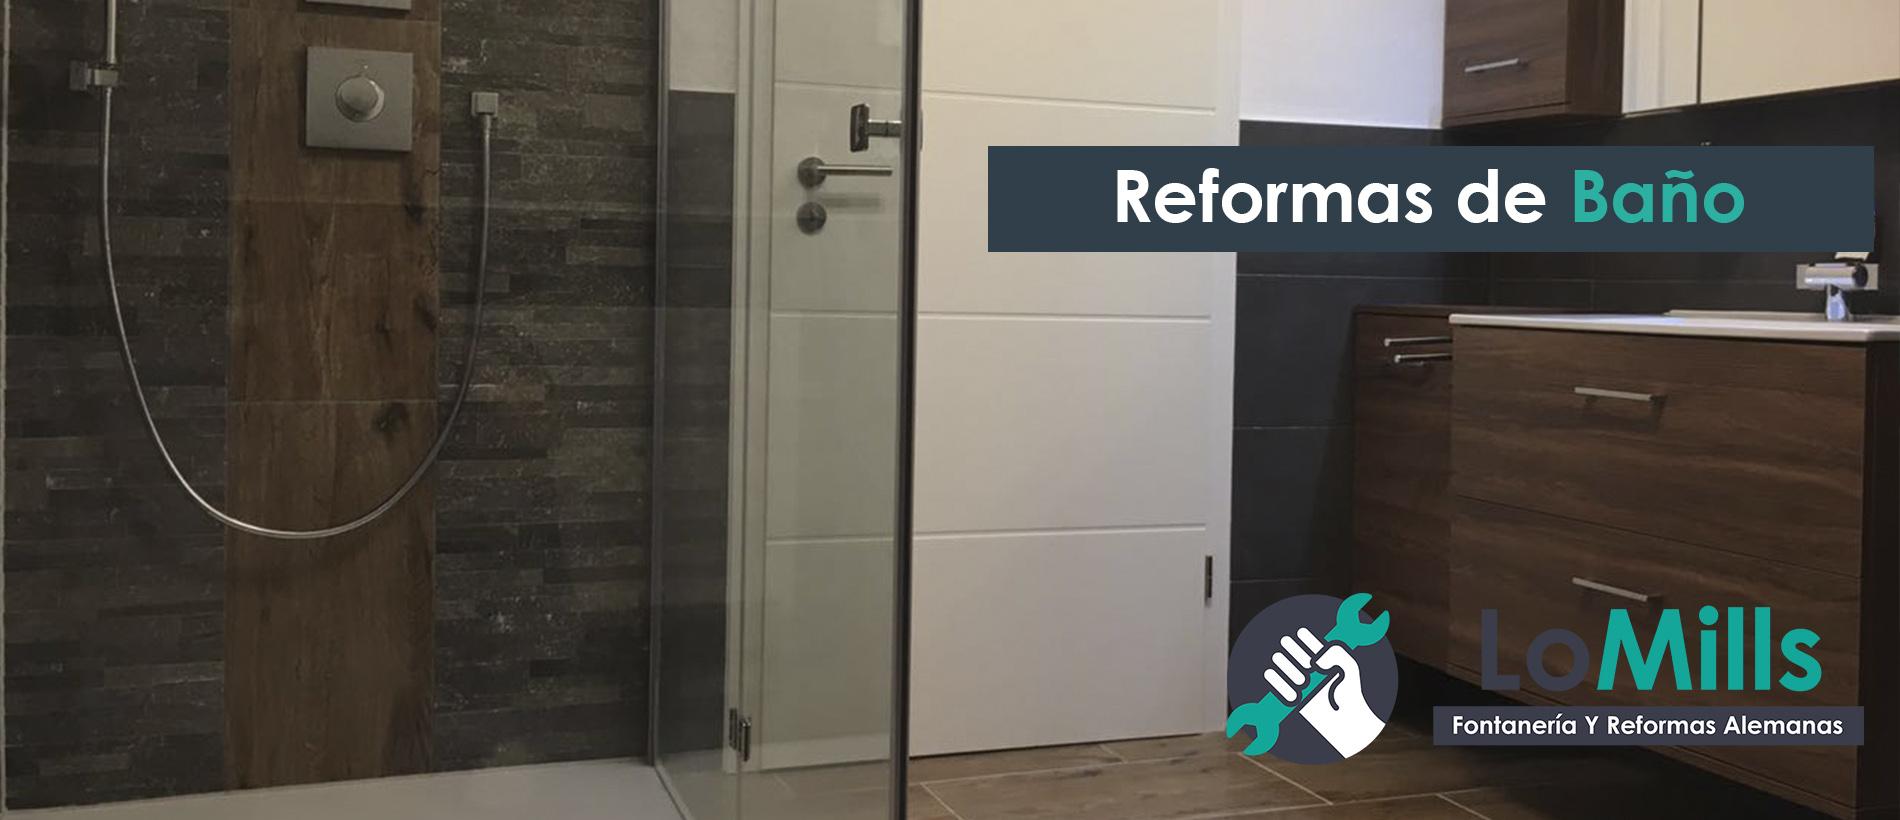 >> Presupuesto de Reformas para Baño en Madrid | LoMills